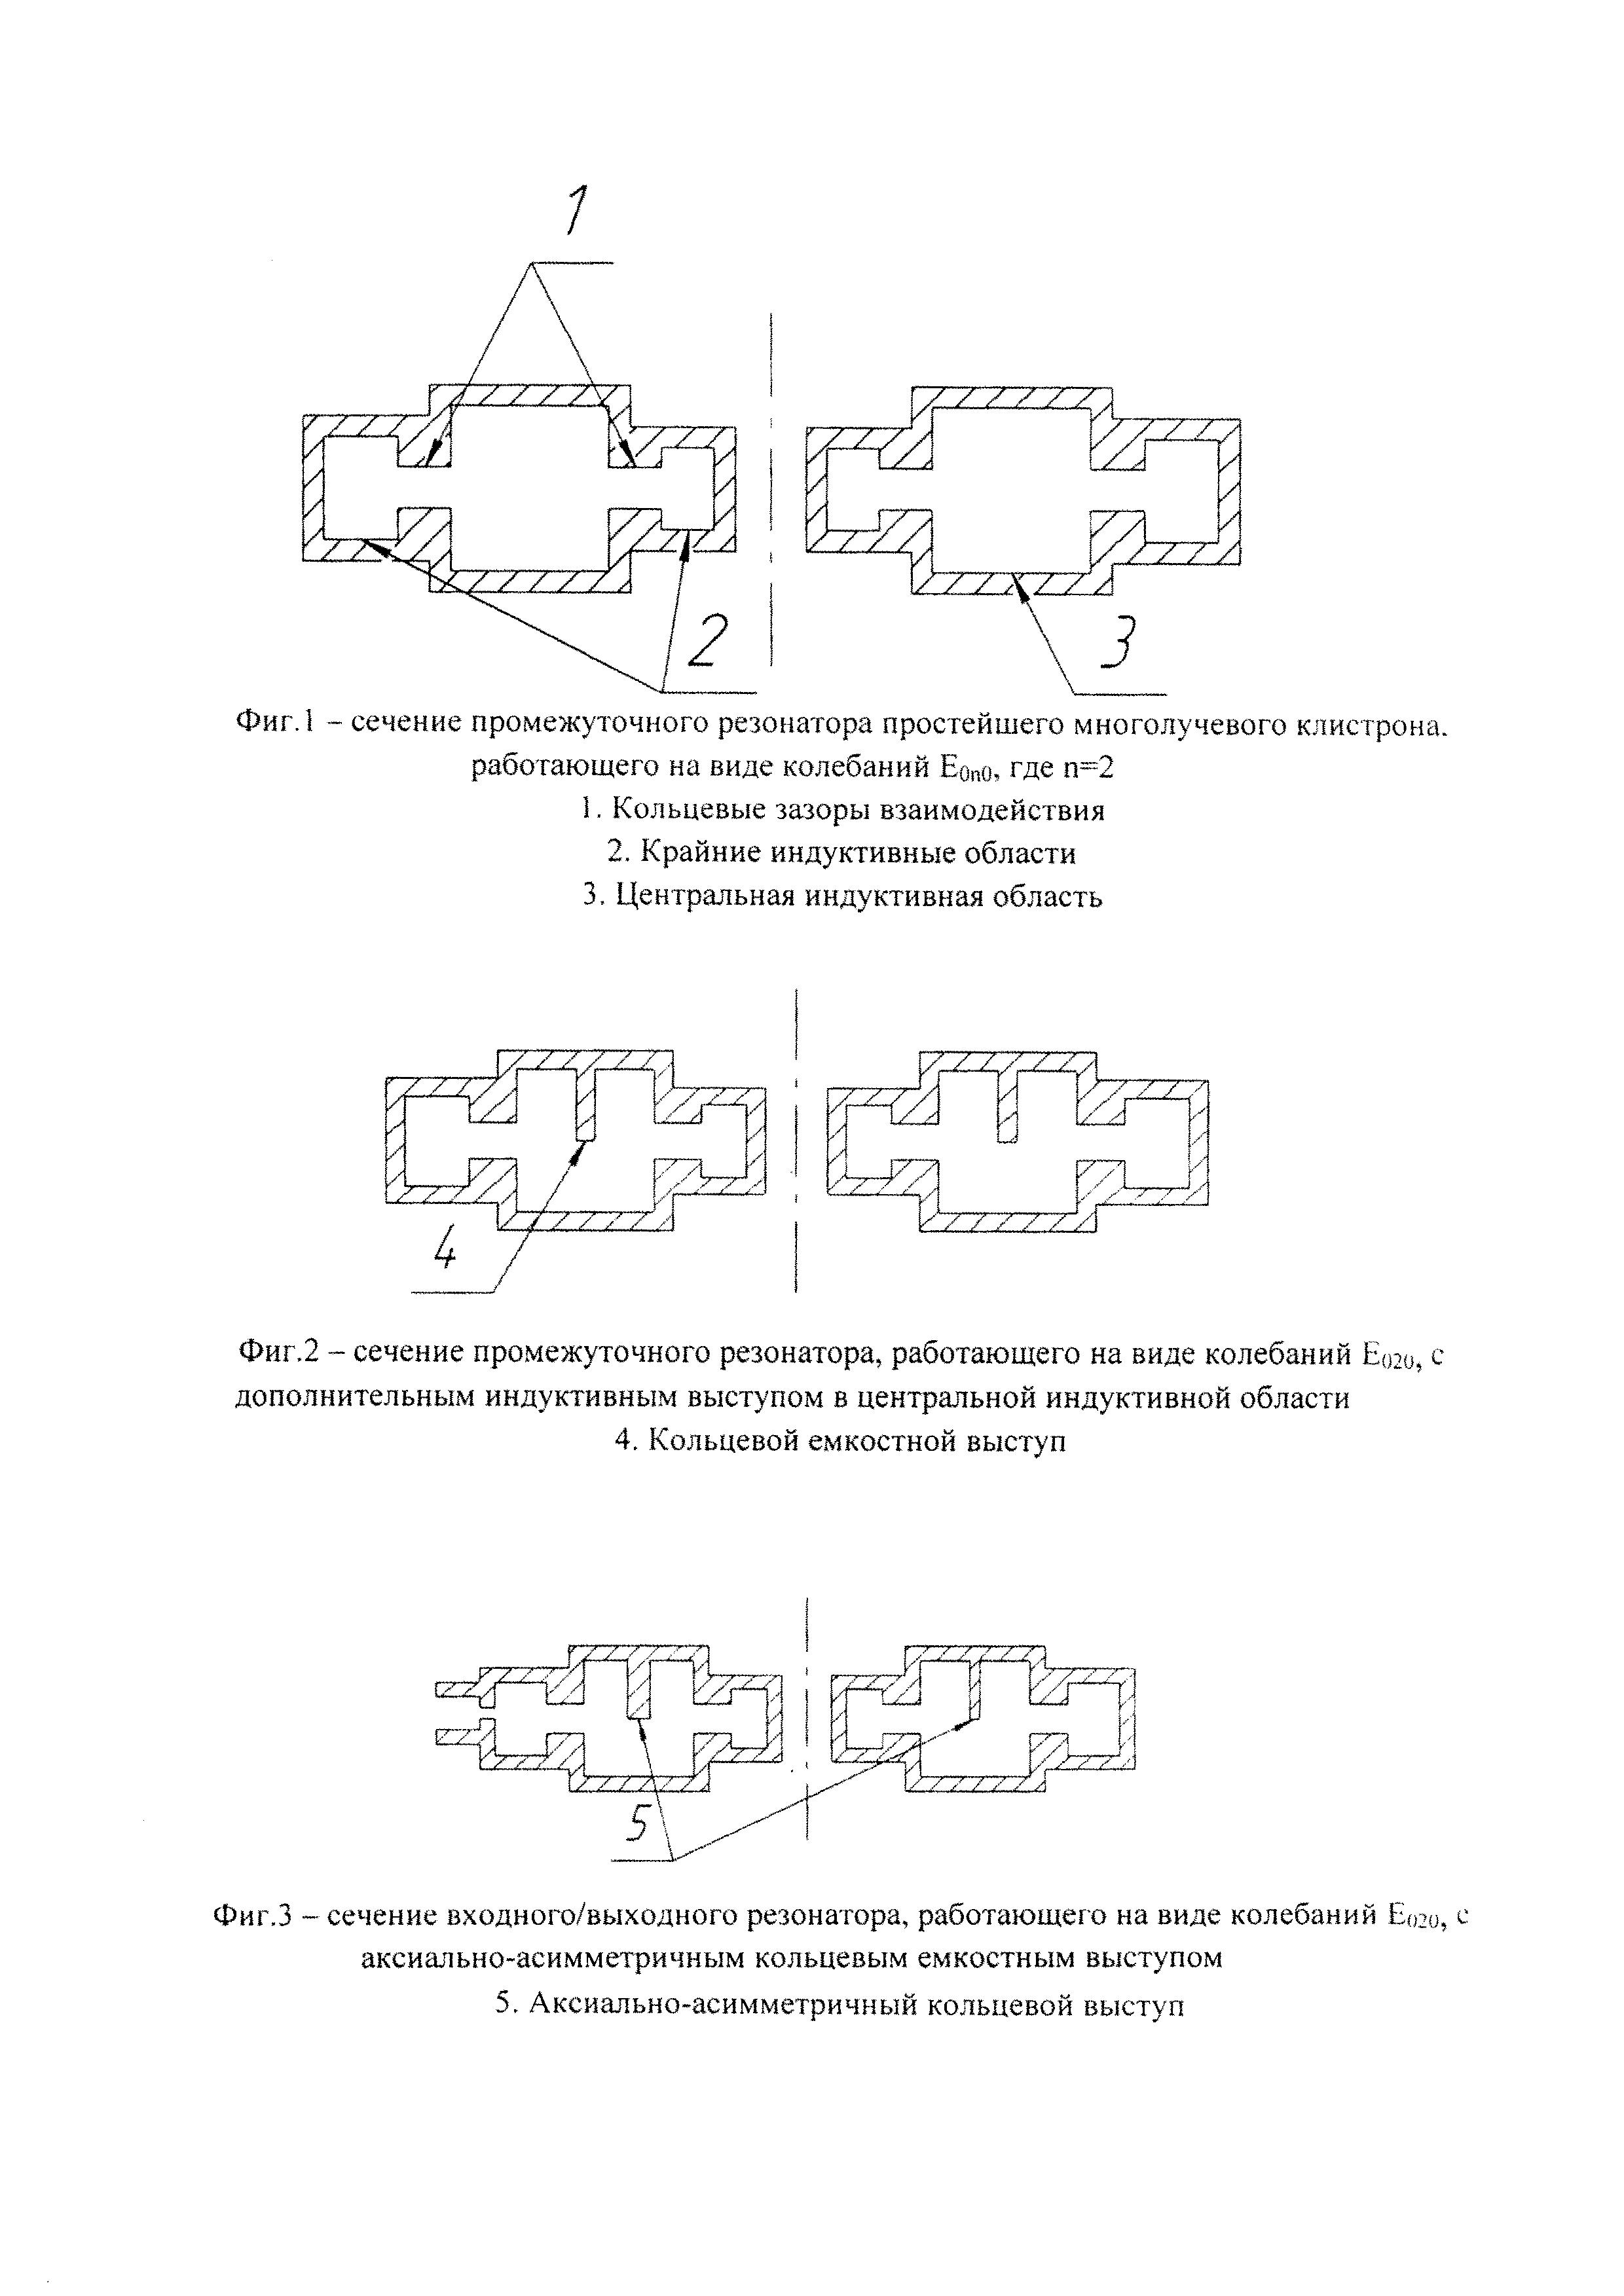 Многолучевой клистрон с кольцевыми резонаторами, работающими на виде колебаний e